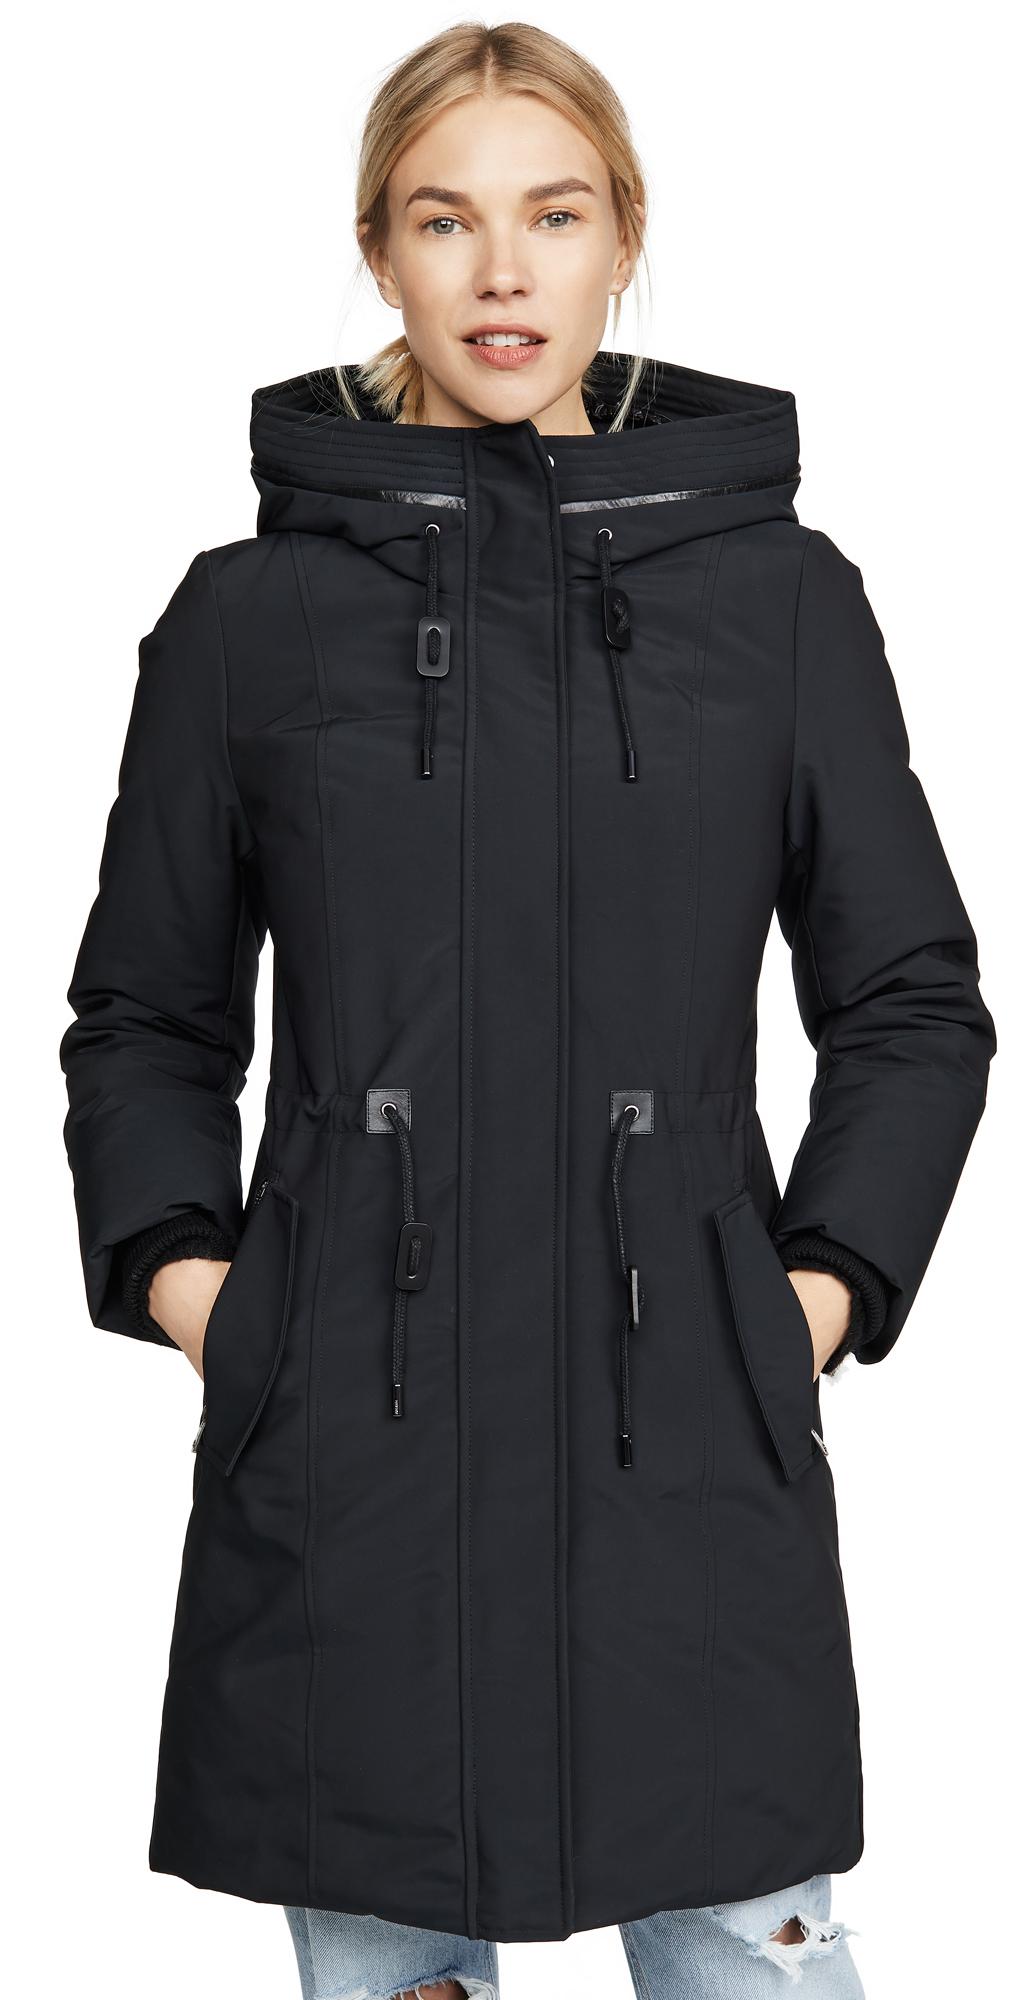 Mackage Beckah Jacket